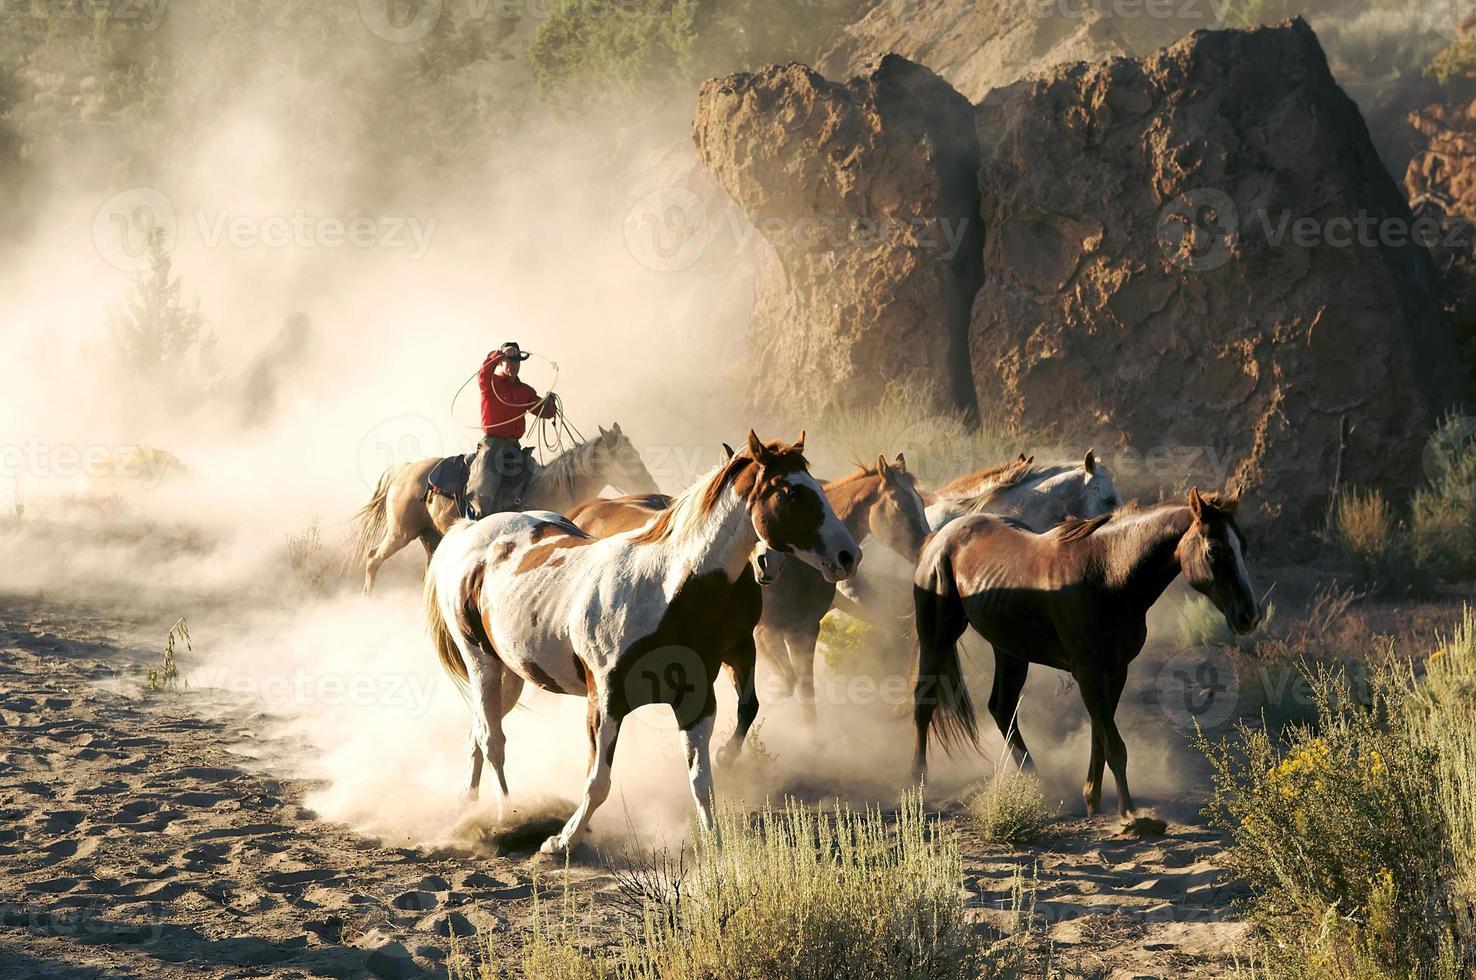 sonhos de cowboy foto